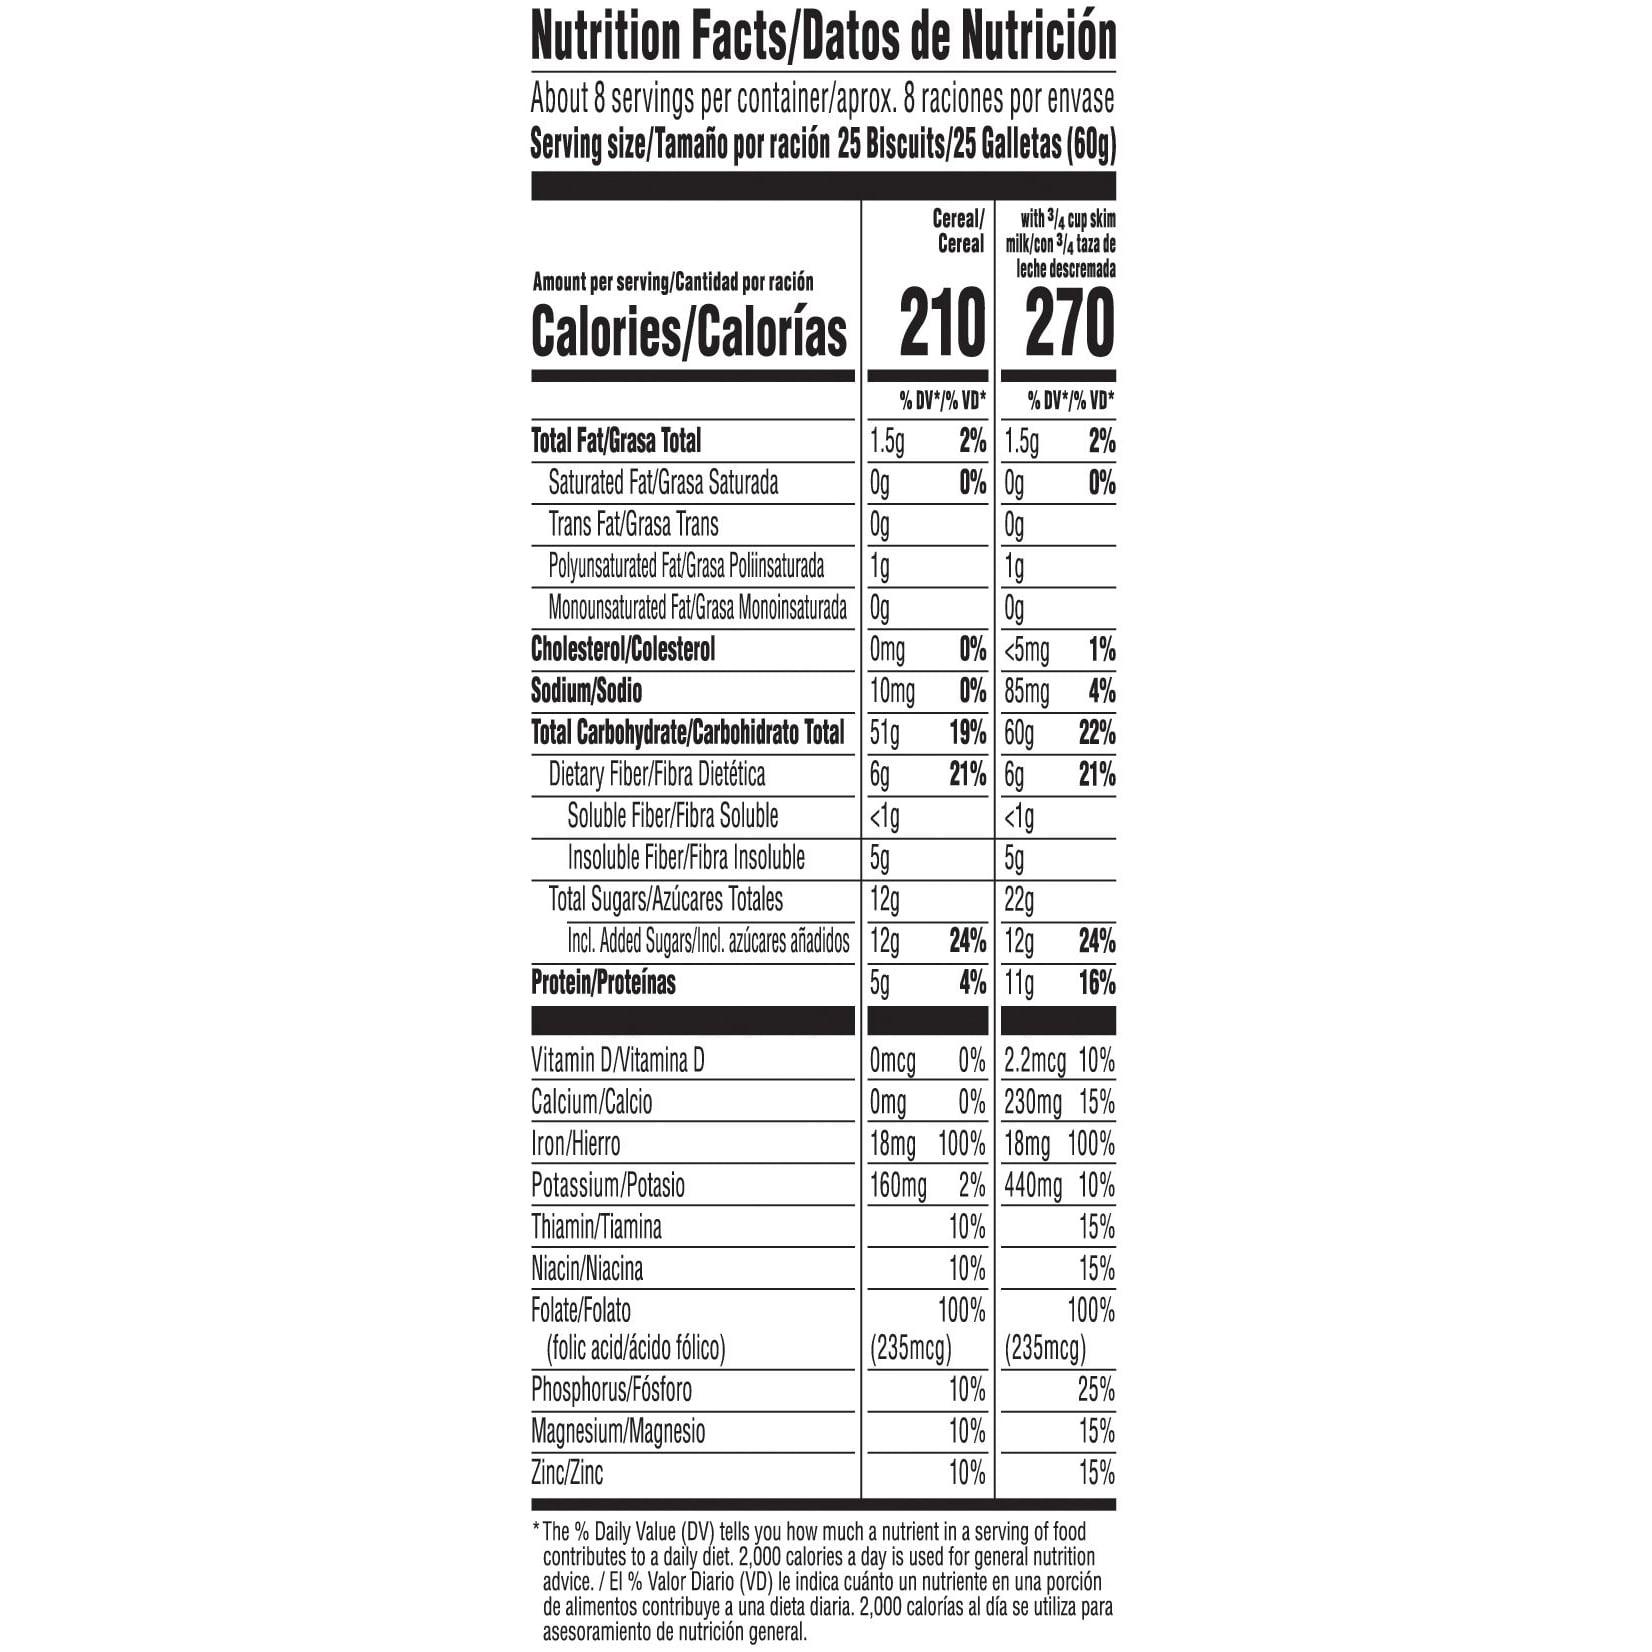 Dieta de 1500 calorias peru